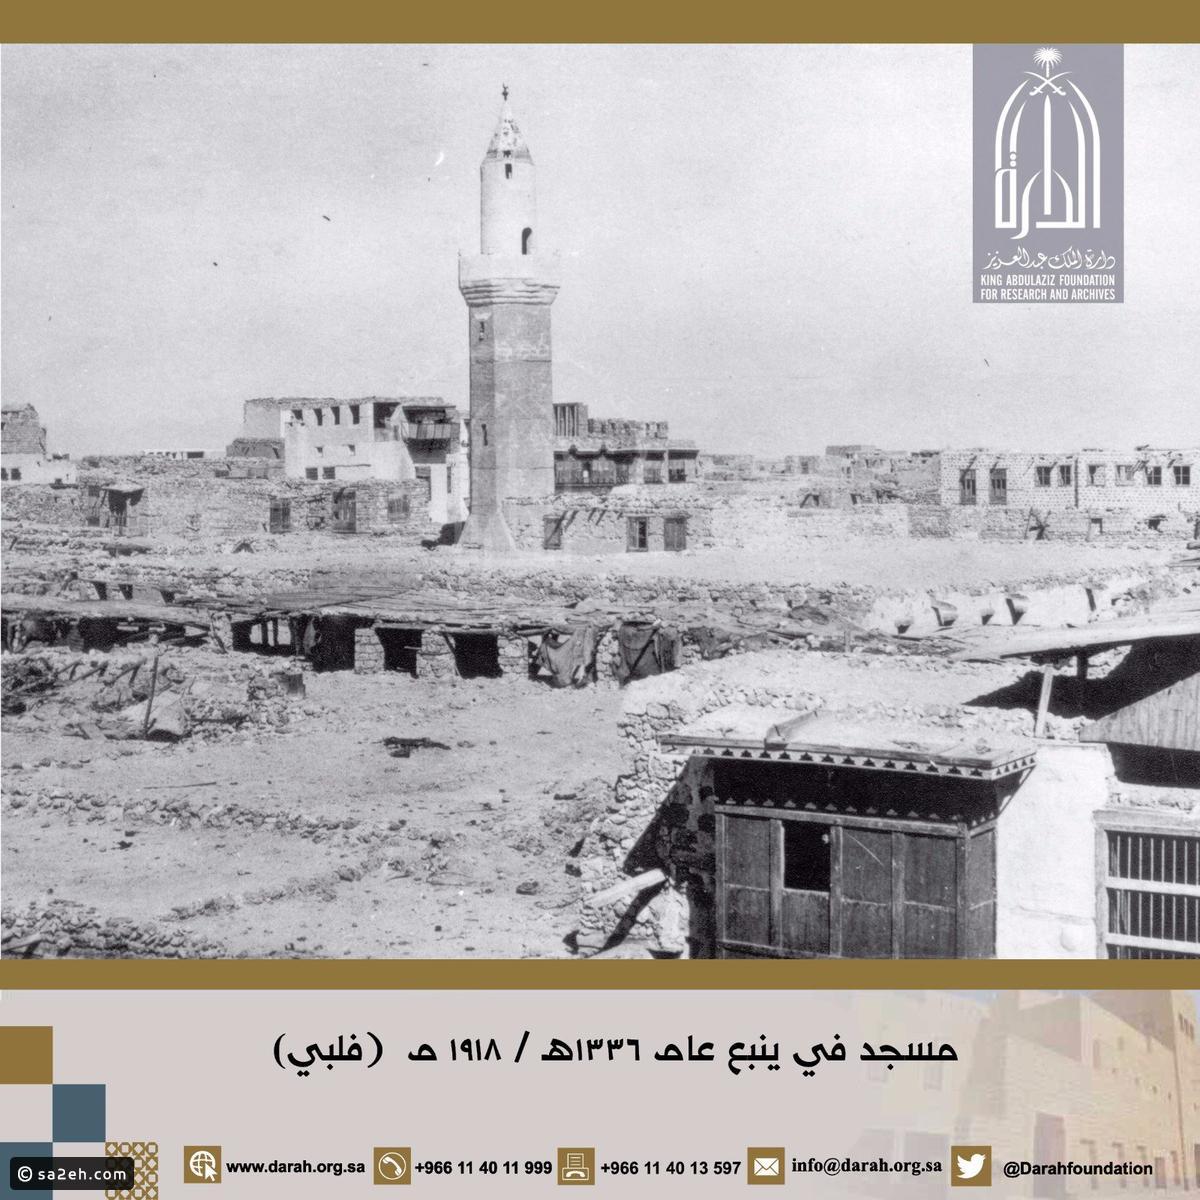 awww.alqiyady.com_site_images_sites_default_files_alqiyady_proc7ee98903079a3664a90ce92d3178989.